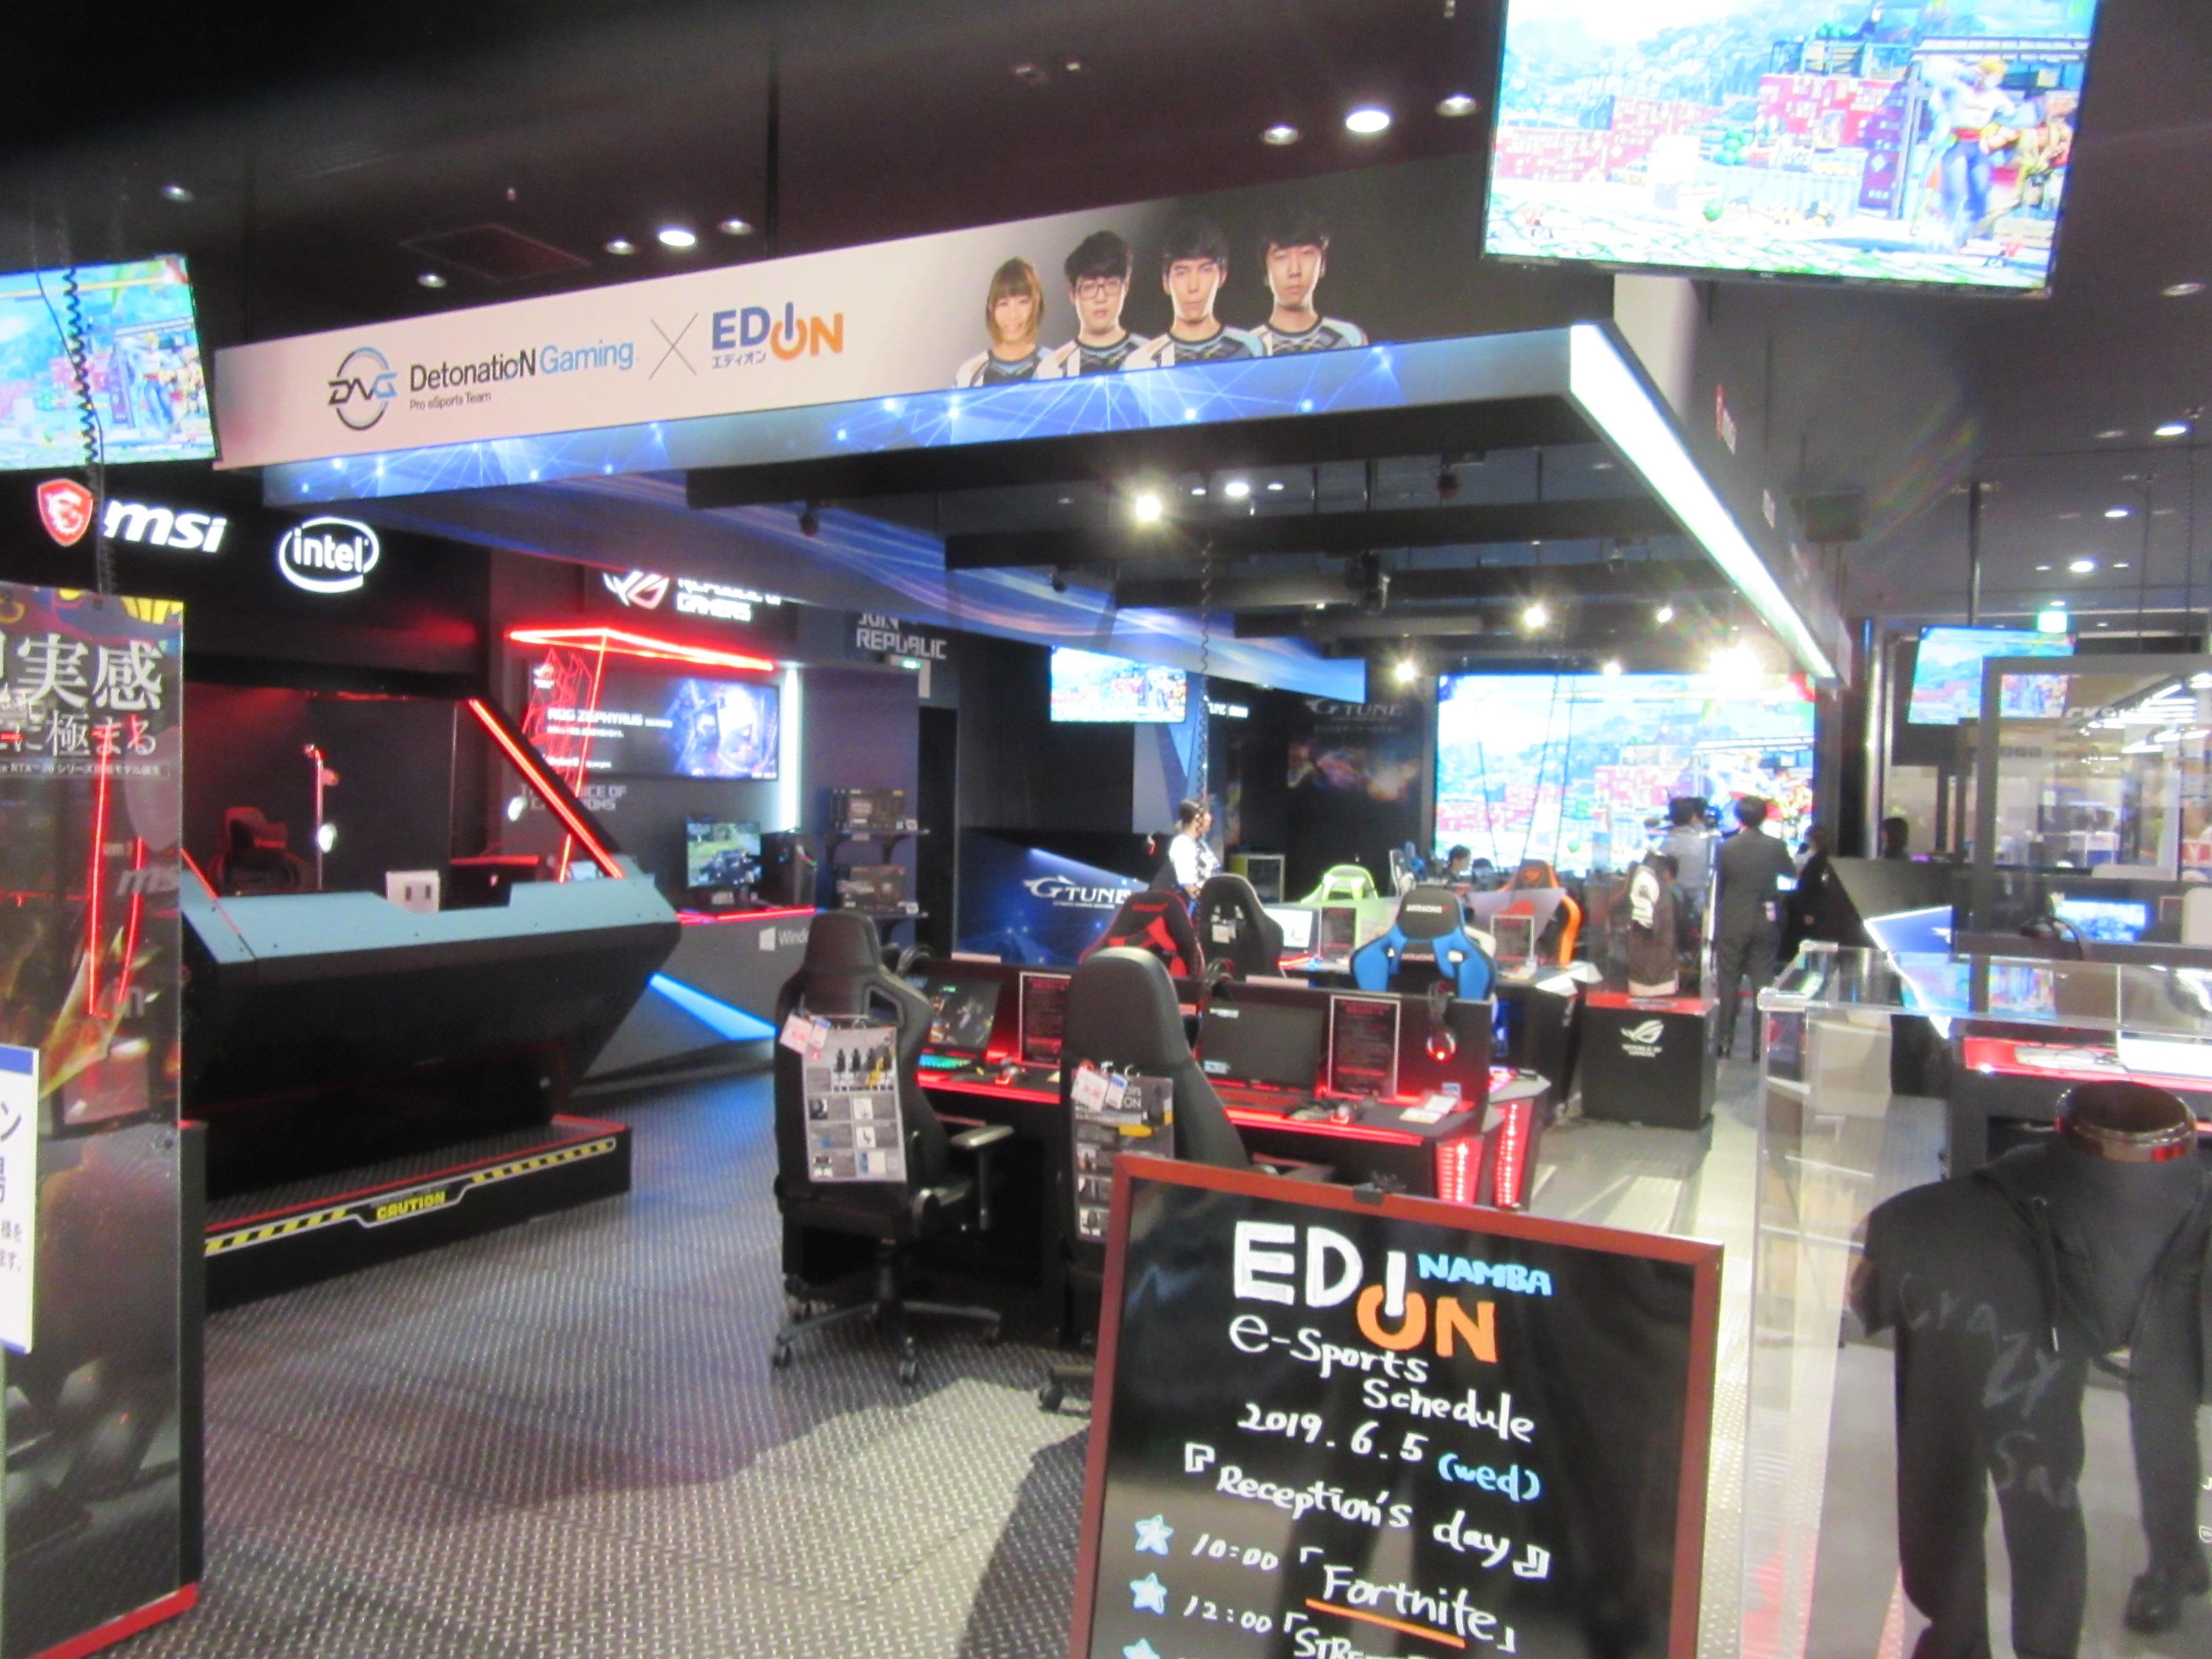 e-スポーツコーナーは、ゲームに集中できるよう照明も若干落とし、e-スポーツの世界観が体験できるコーナーとなっている